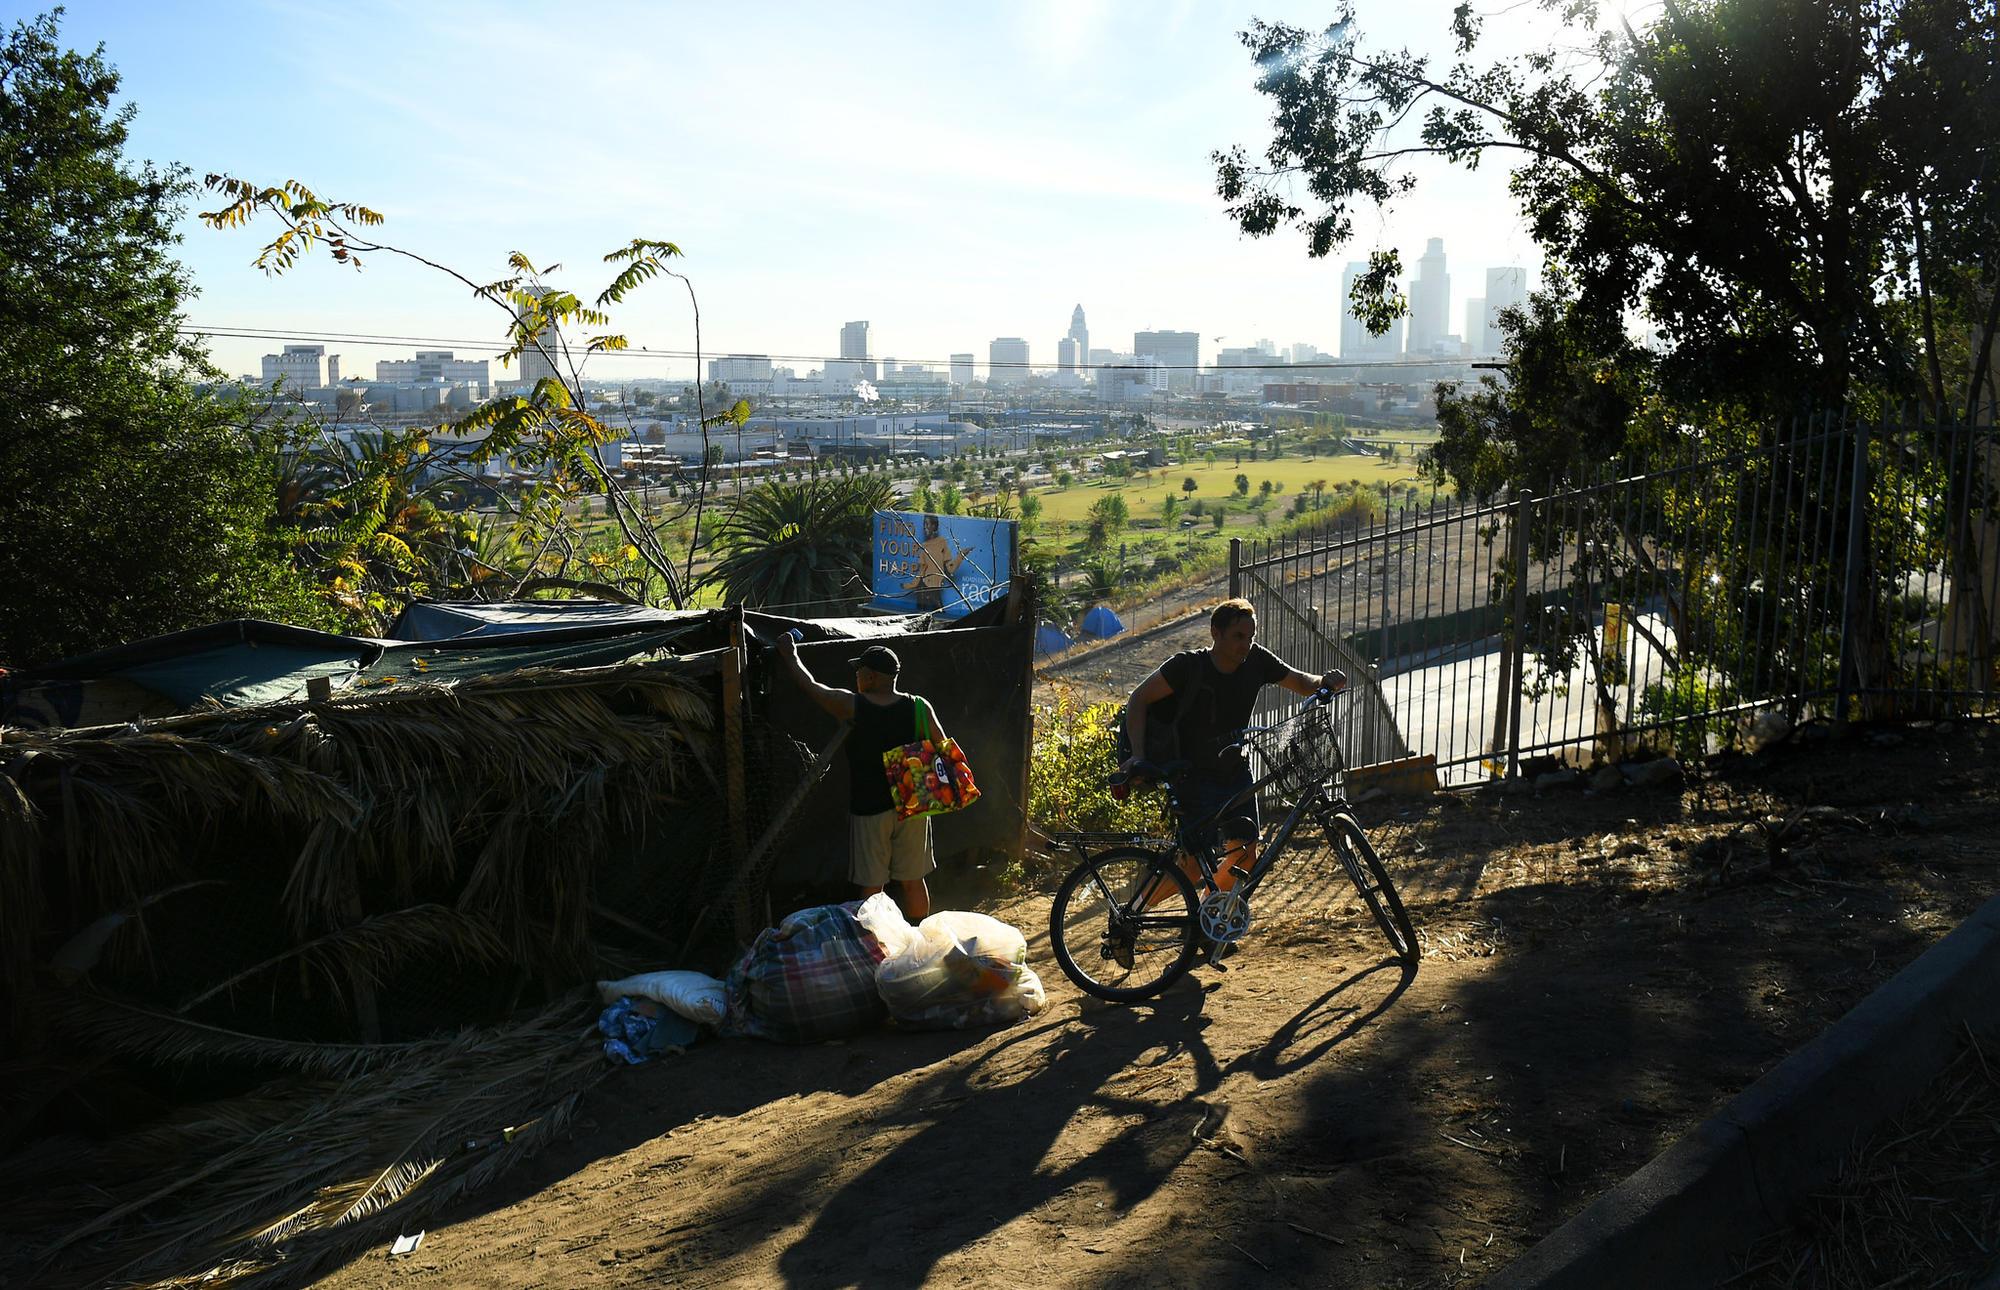 Homeless in Elysian Park